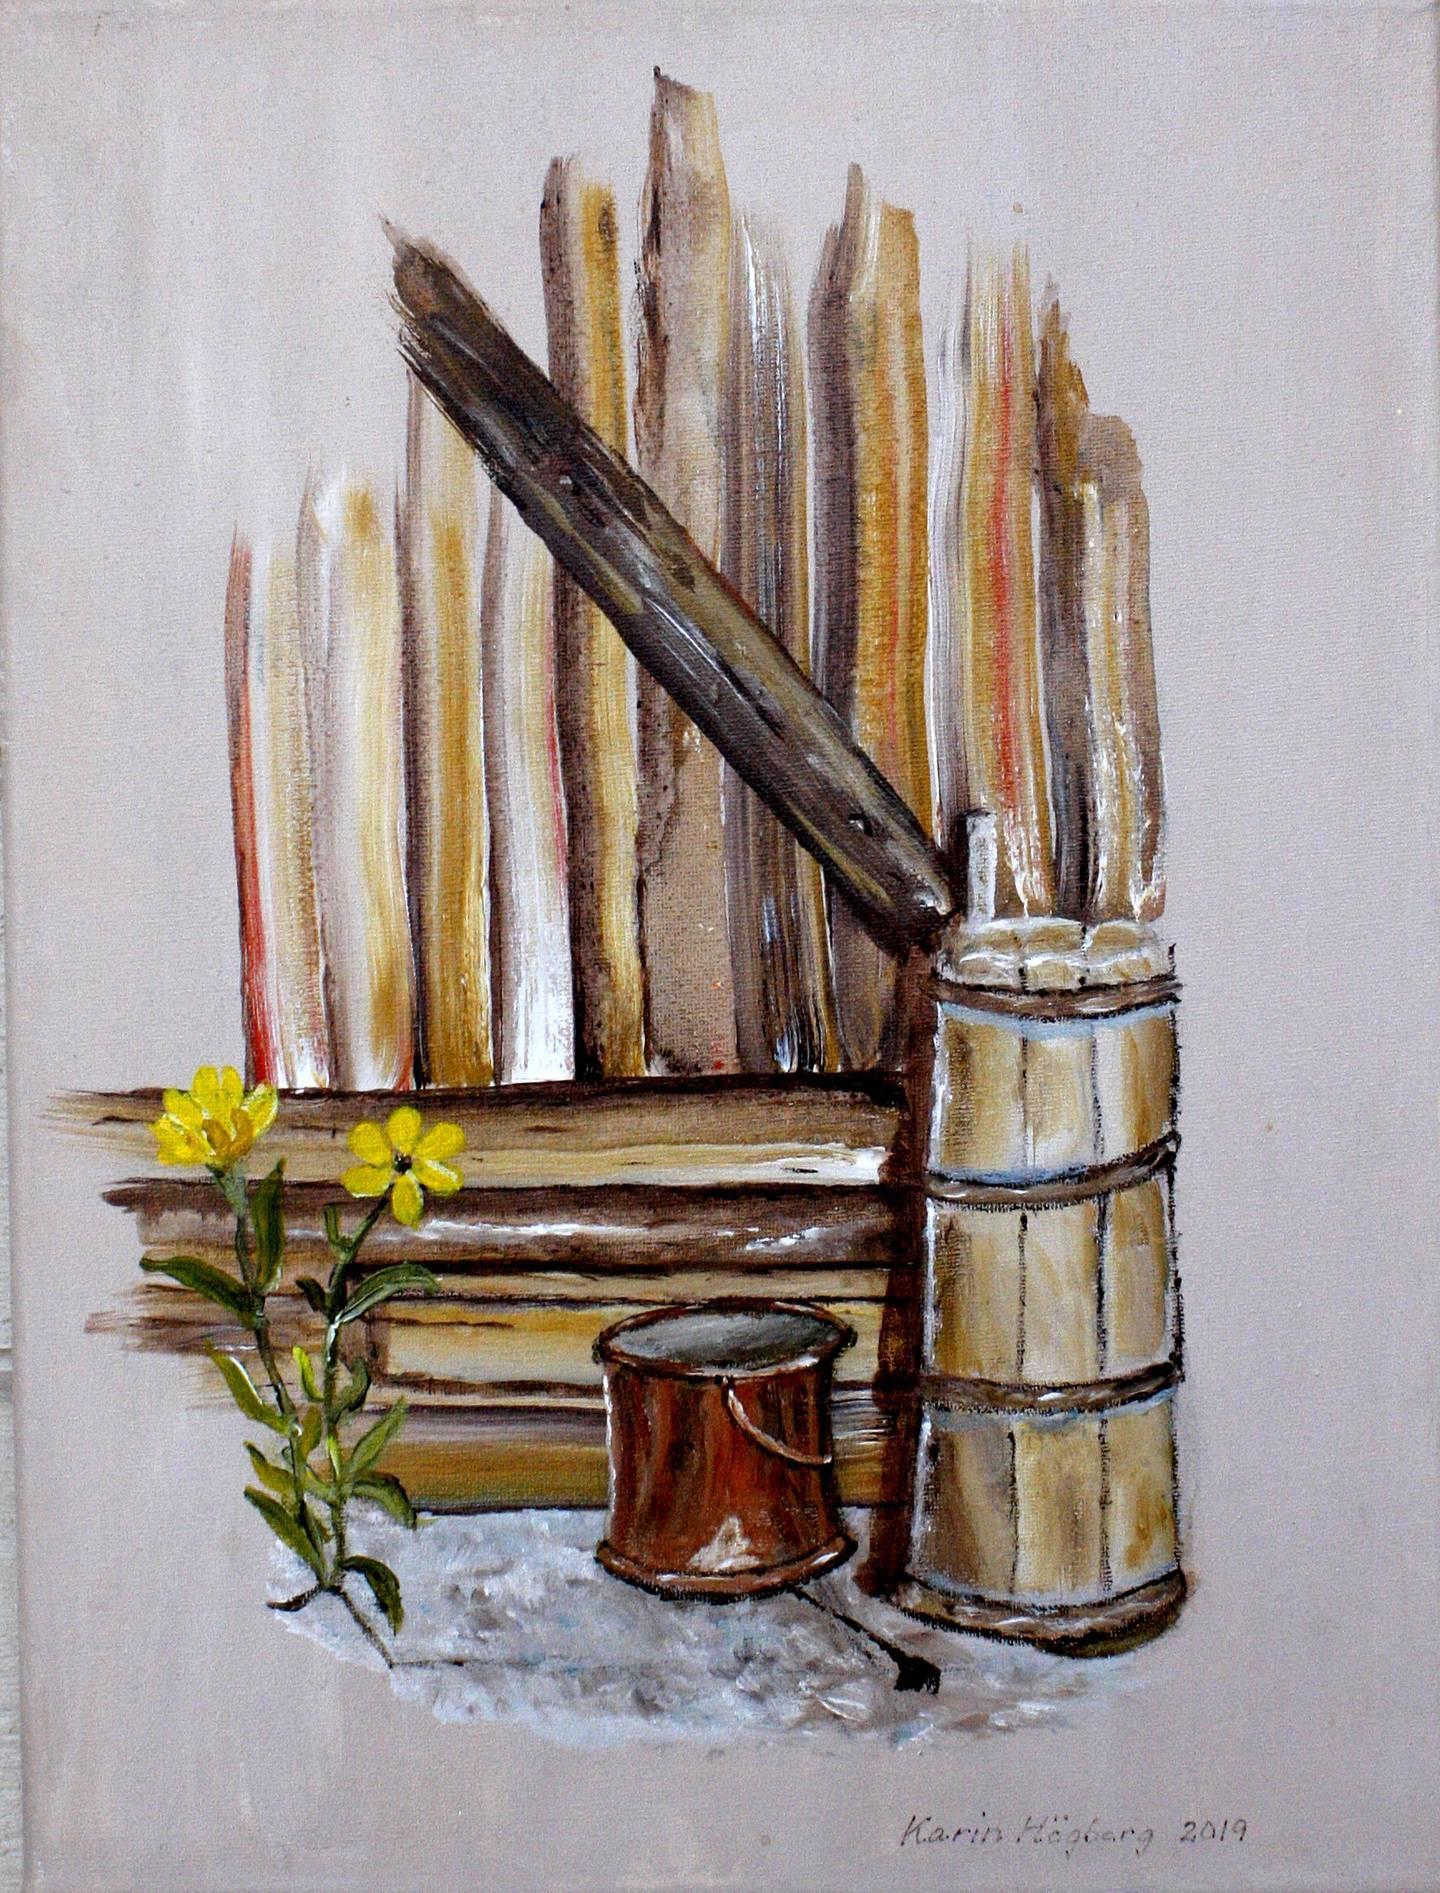 Tavla av Karin Högberg. Motiv: Hörnet på ett trästaket, kopparhink, gula blommor.